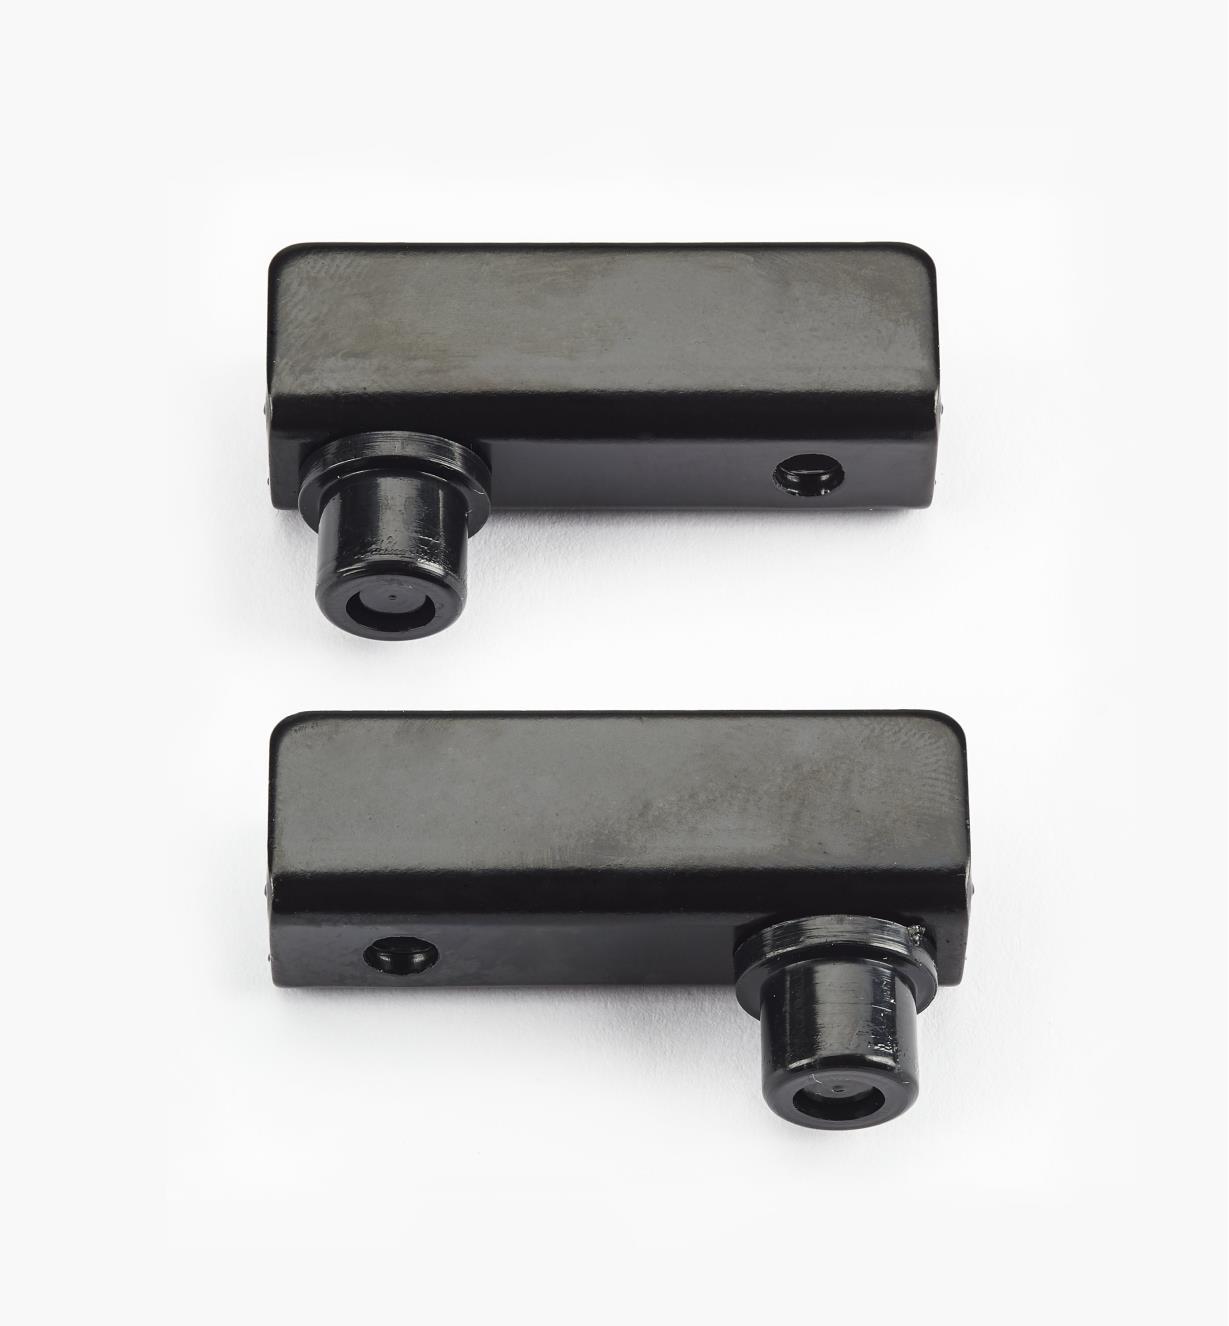 00W0403 - Black Pin-Pivot Hinges, pair